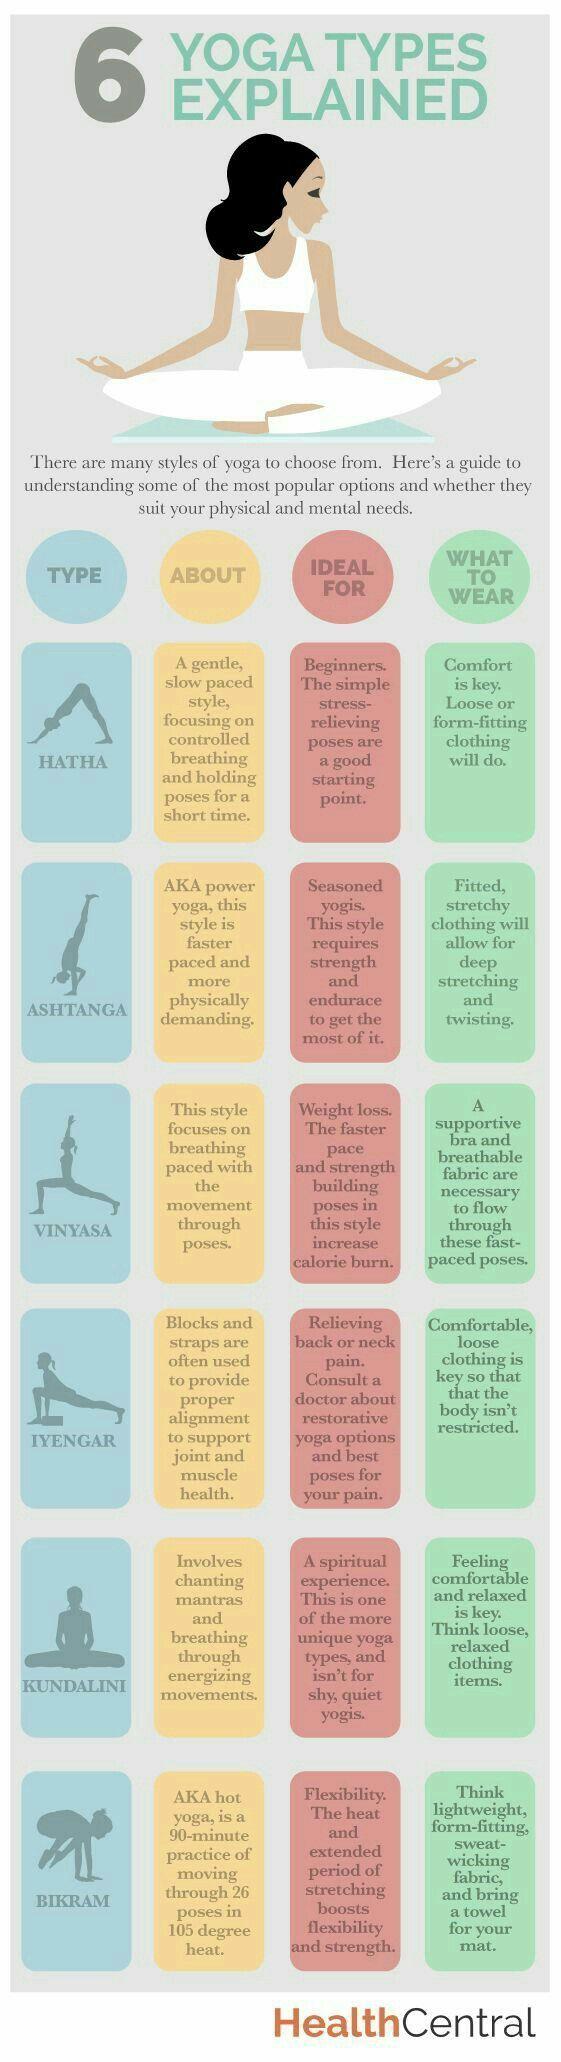 Selbstliebe-Selbstpflege-Inspirierende Zitate-Motivierende Zitate-Motivation-Persönliche ... - Bilder+ #self-care